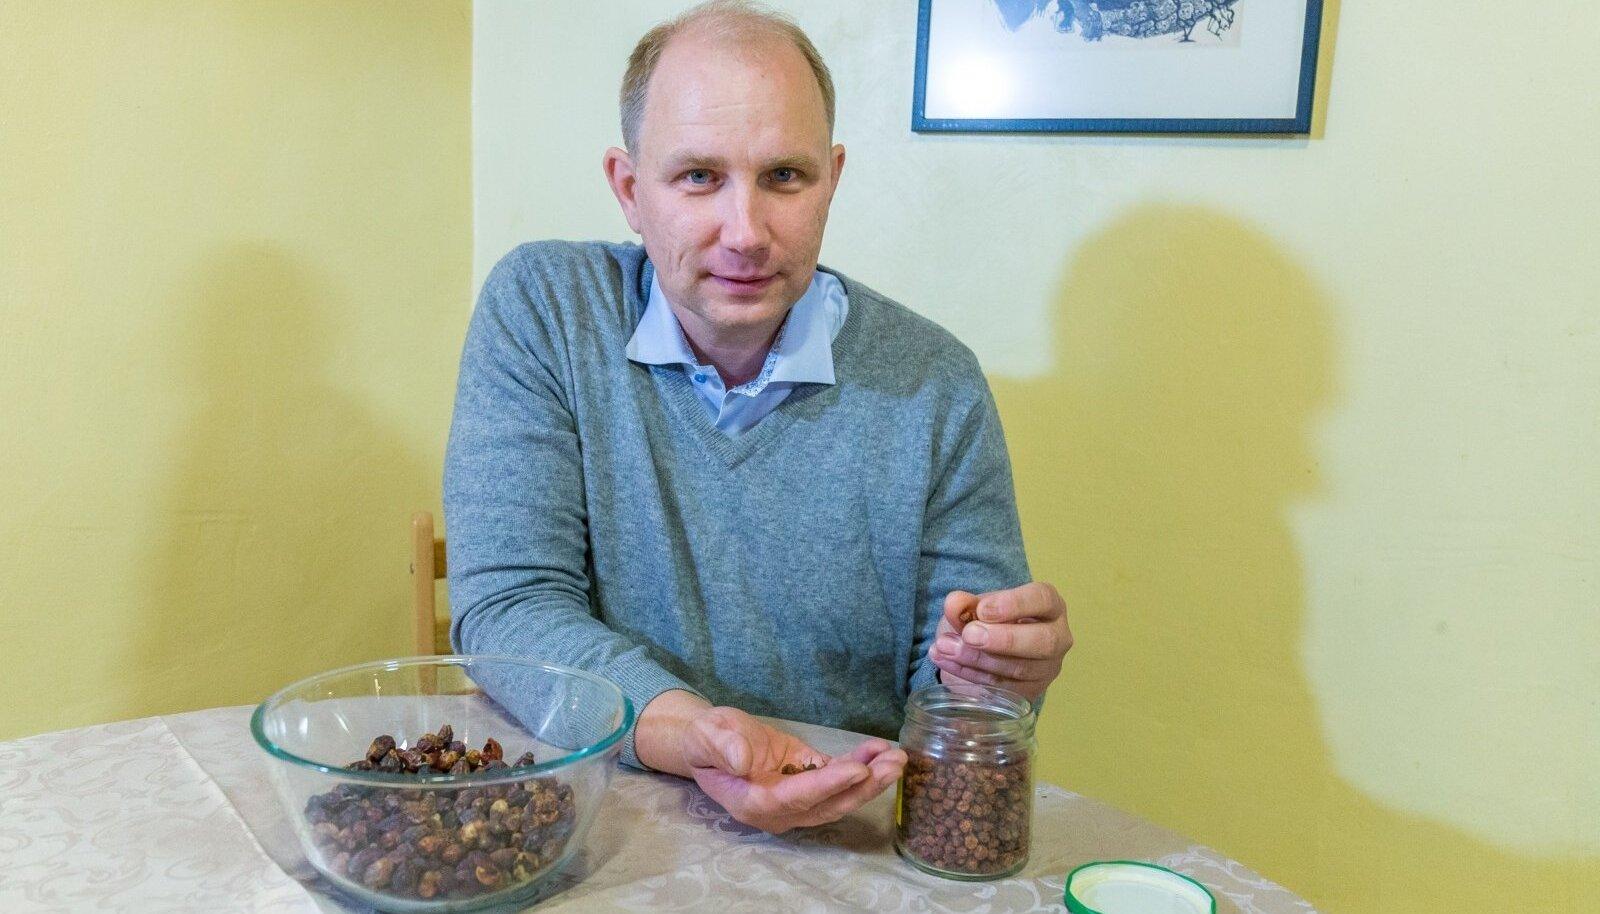 Raivo Kalle sõnul on pikas perspektiivis inimese ellujäämiseks oluline, et meie ümber oleksid taimed ja oleks harjutud neid kasutama.